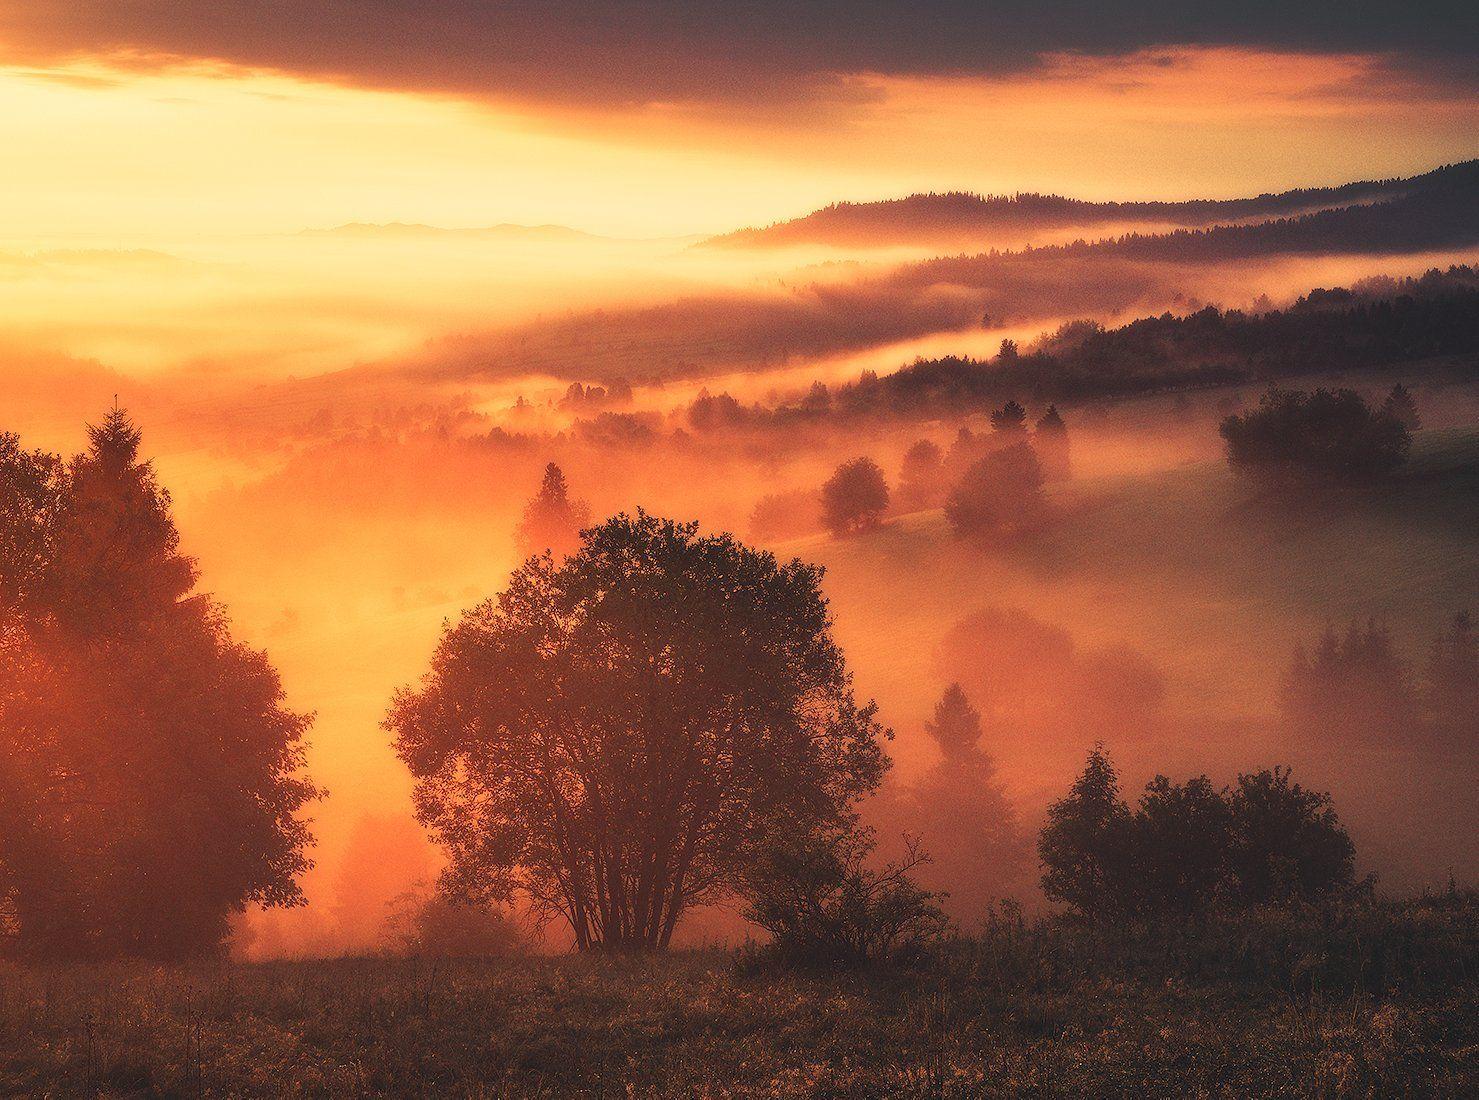 landscape, photogrpahy, love, nature, globalshotz,amazing,place,foggy,sunrise, Jakub Witos